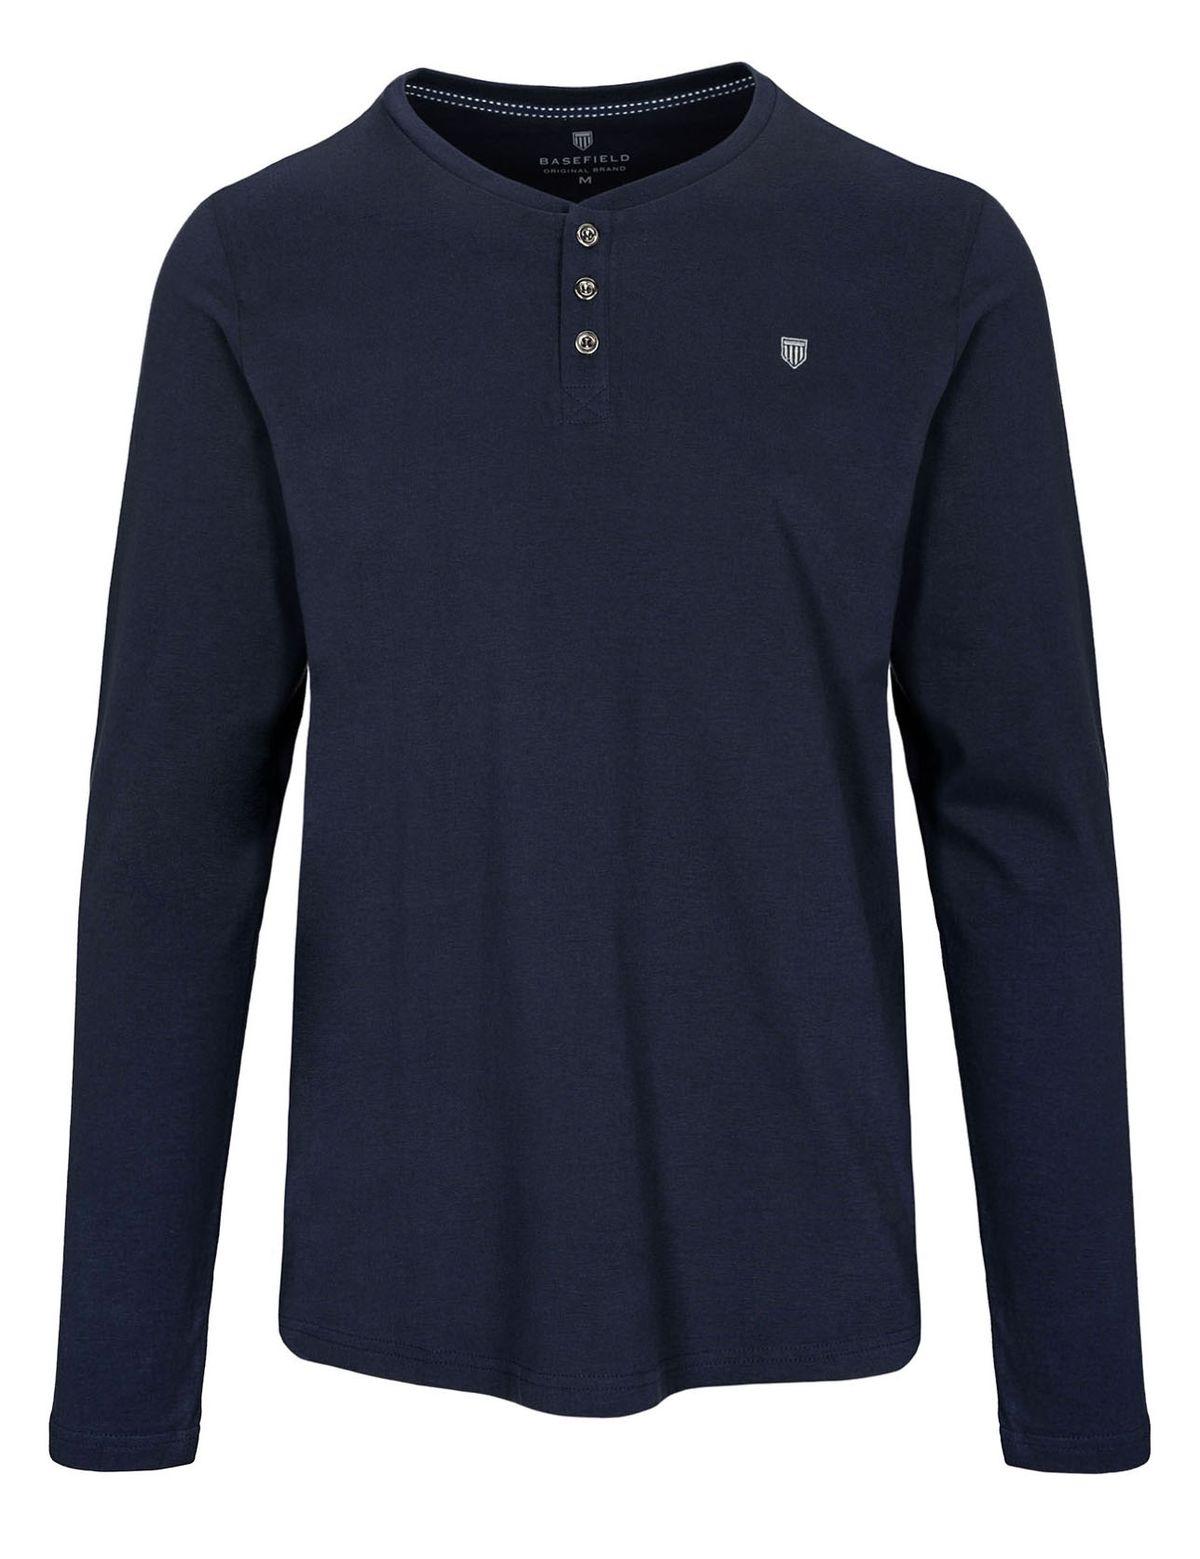 212017717-navy__shirt__all